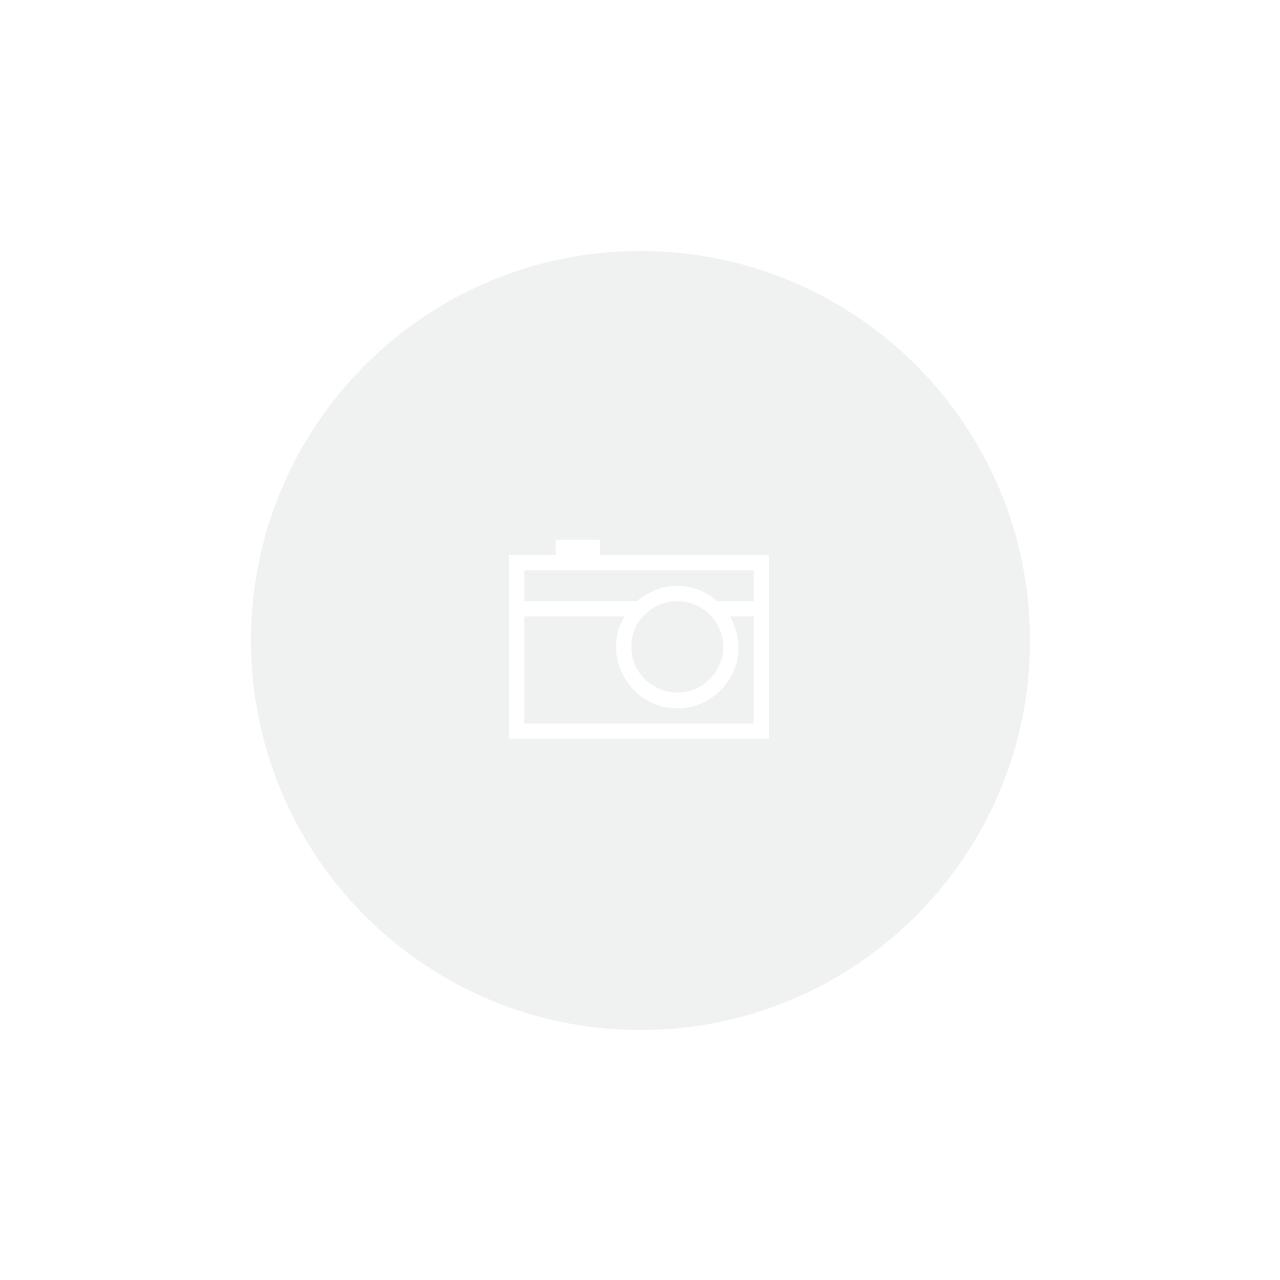 Stickers 3D - Ref. 609B